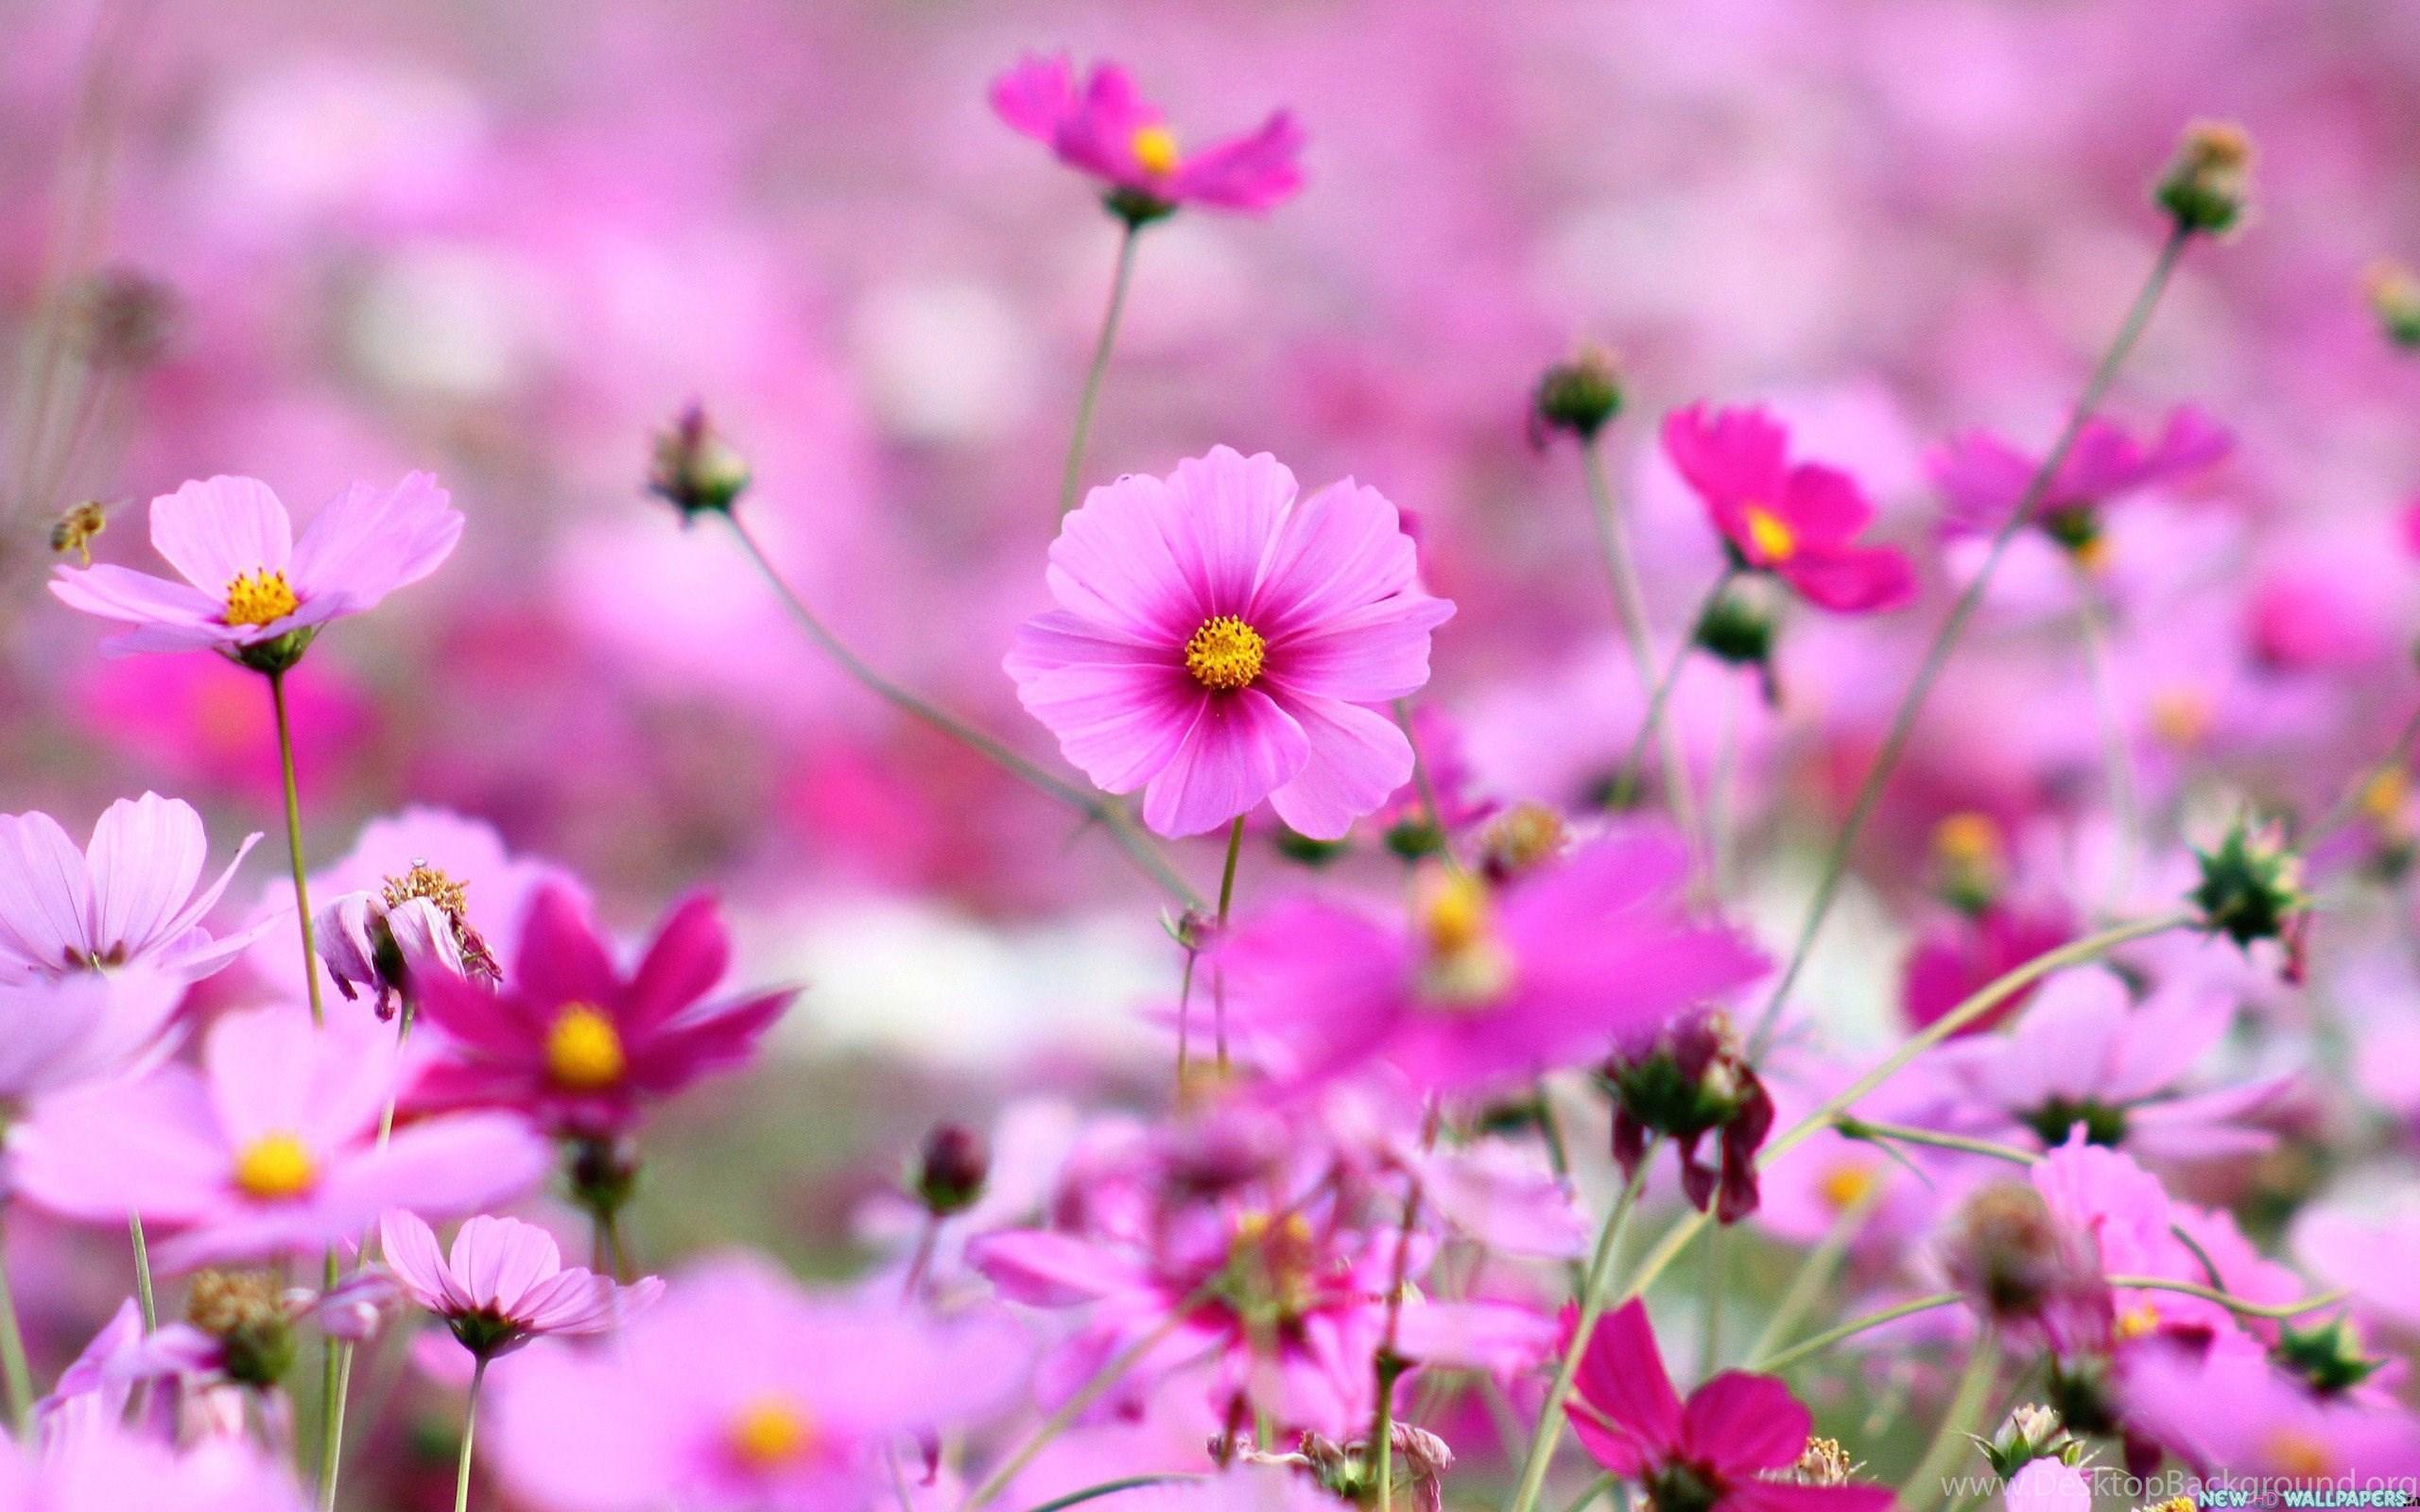 Beautiful Purple Flowers Hd Desktop Wallpapers New Hd Wallpapers